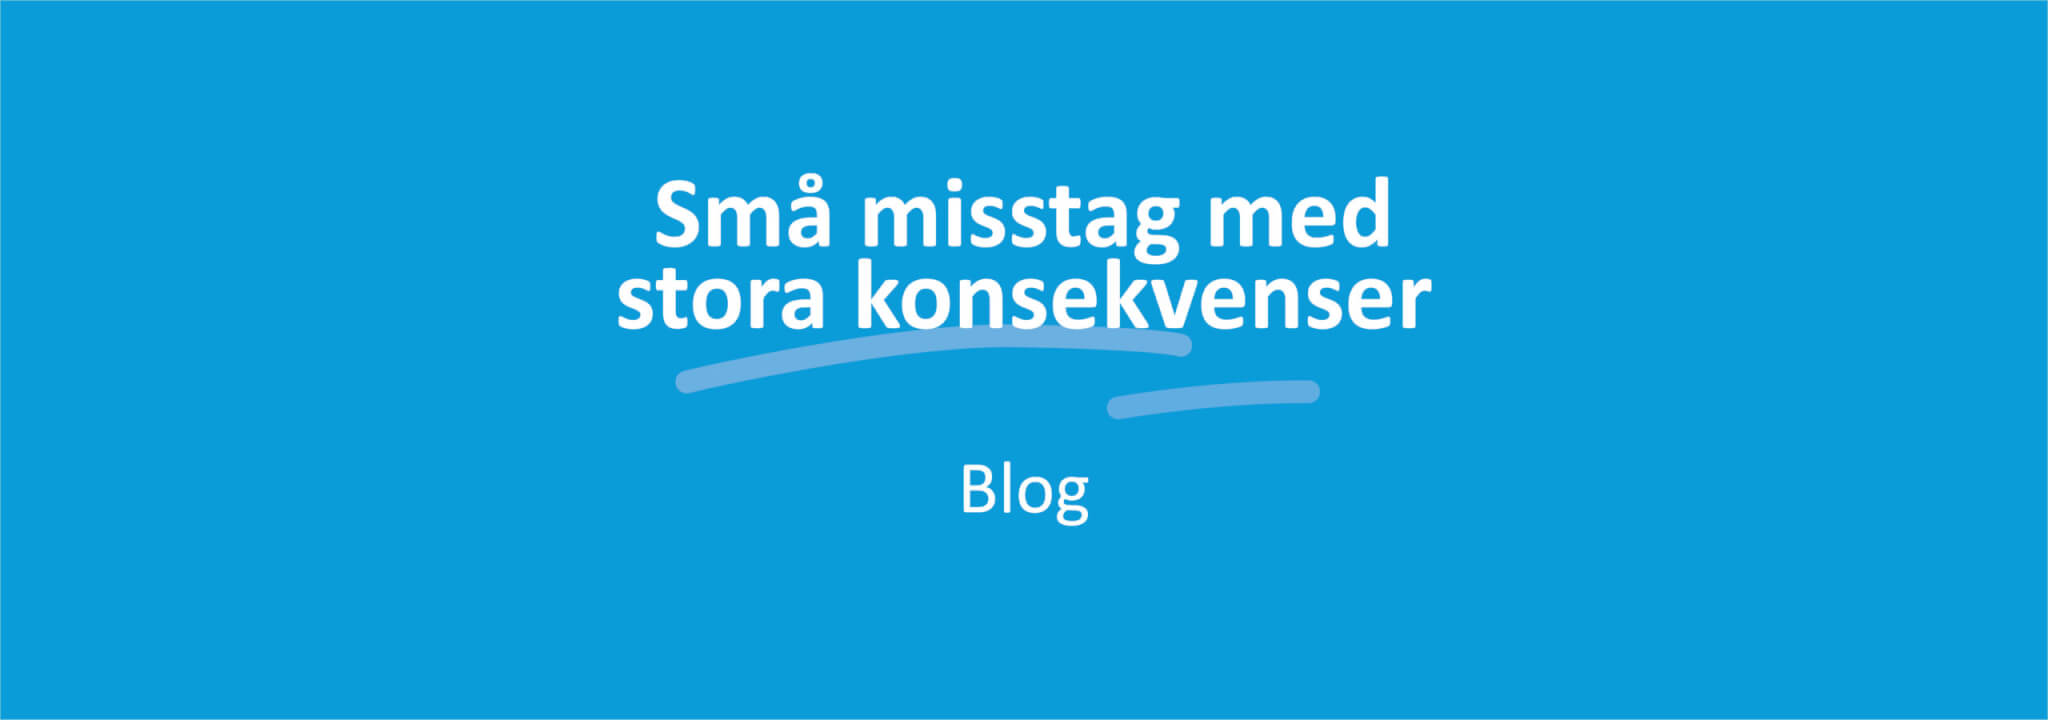 Små misstag med stora konsekvenser banner